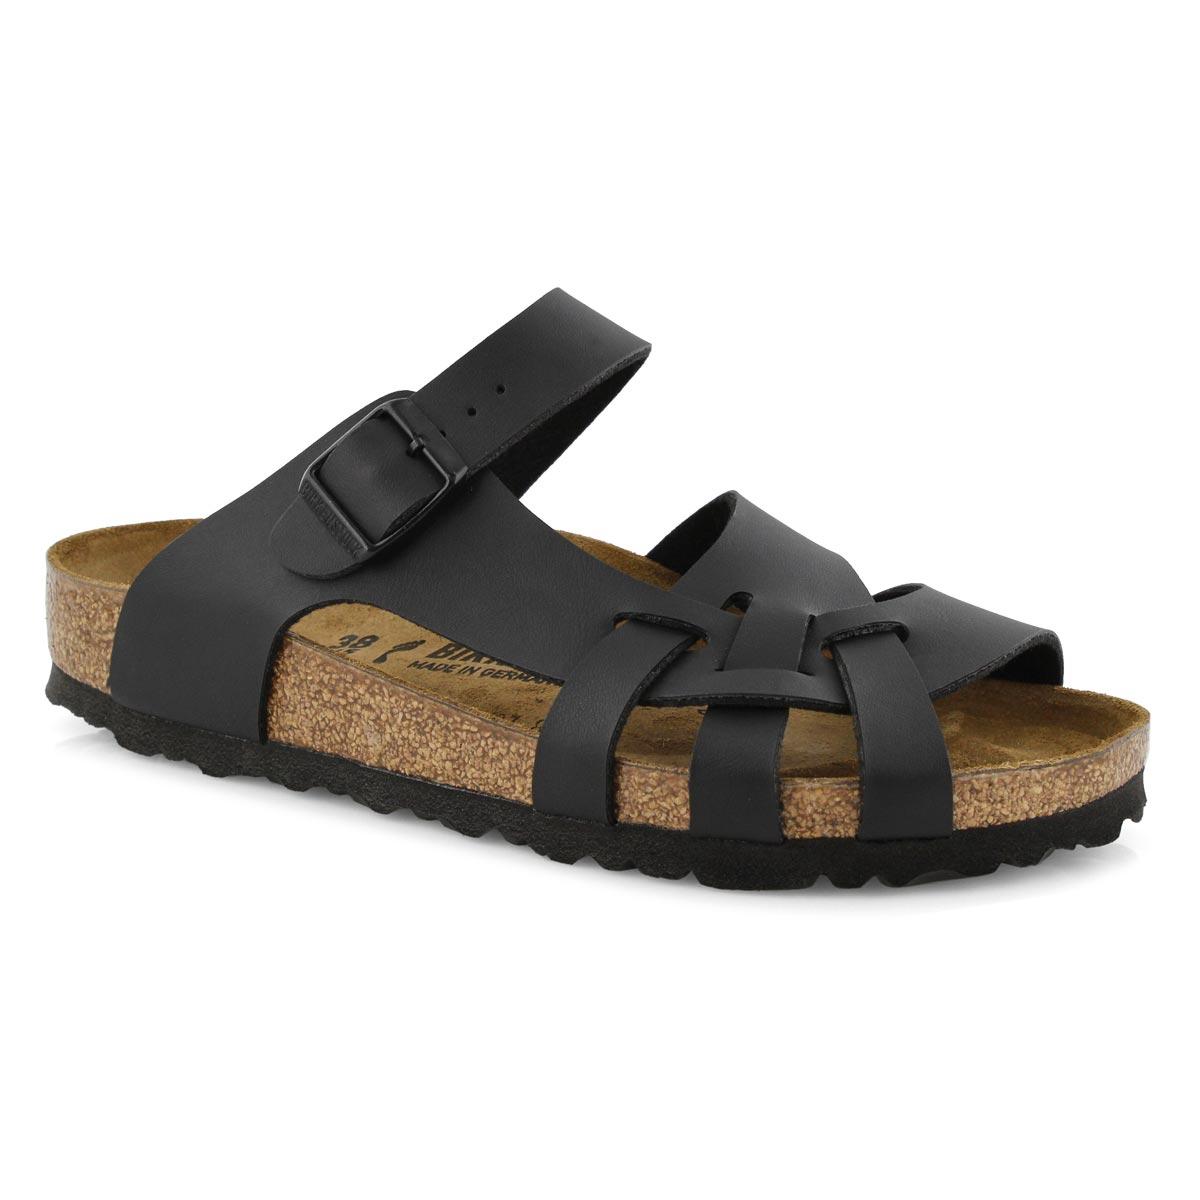 New Savings on Birkenstock Pisa Women's Black Sandal Euro 38